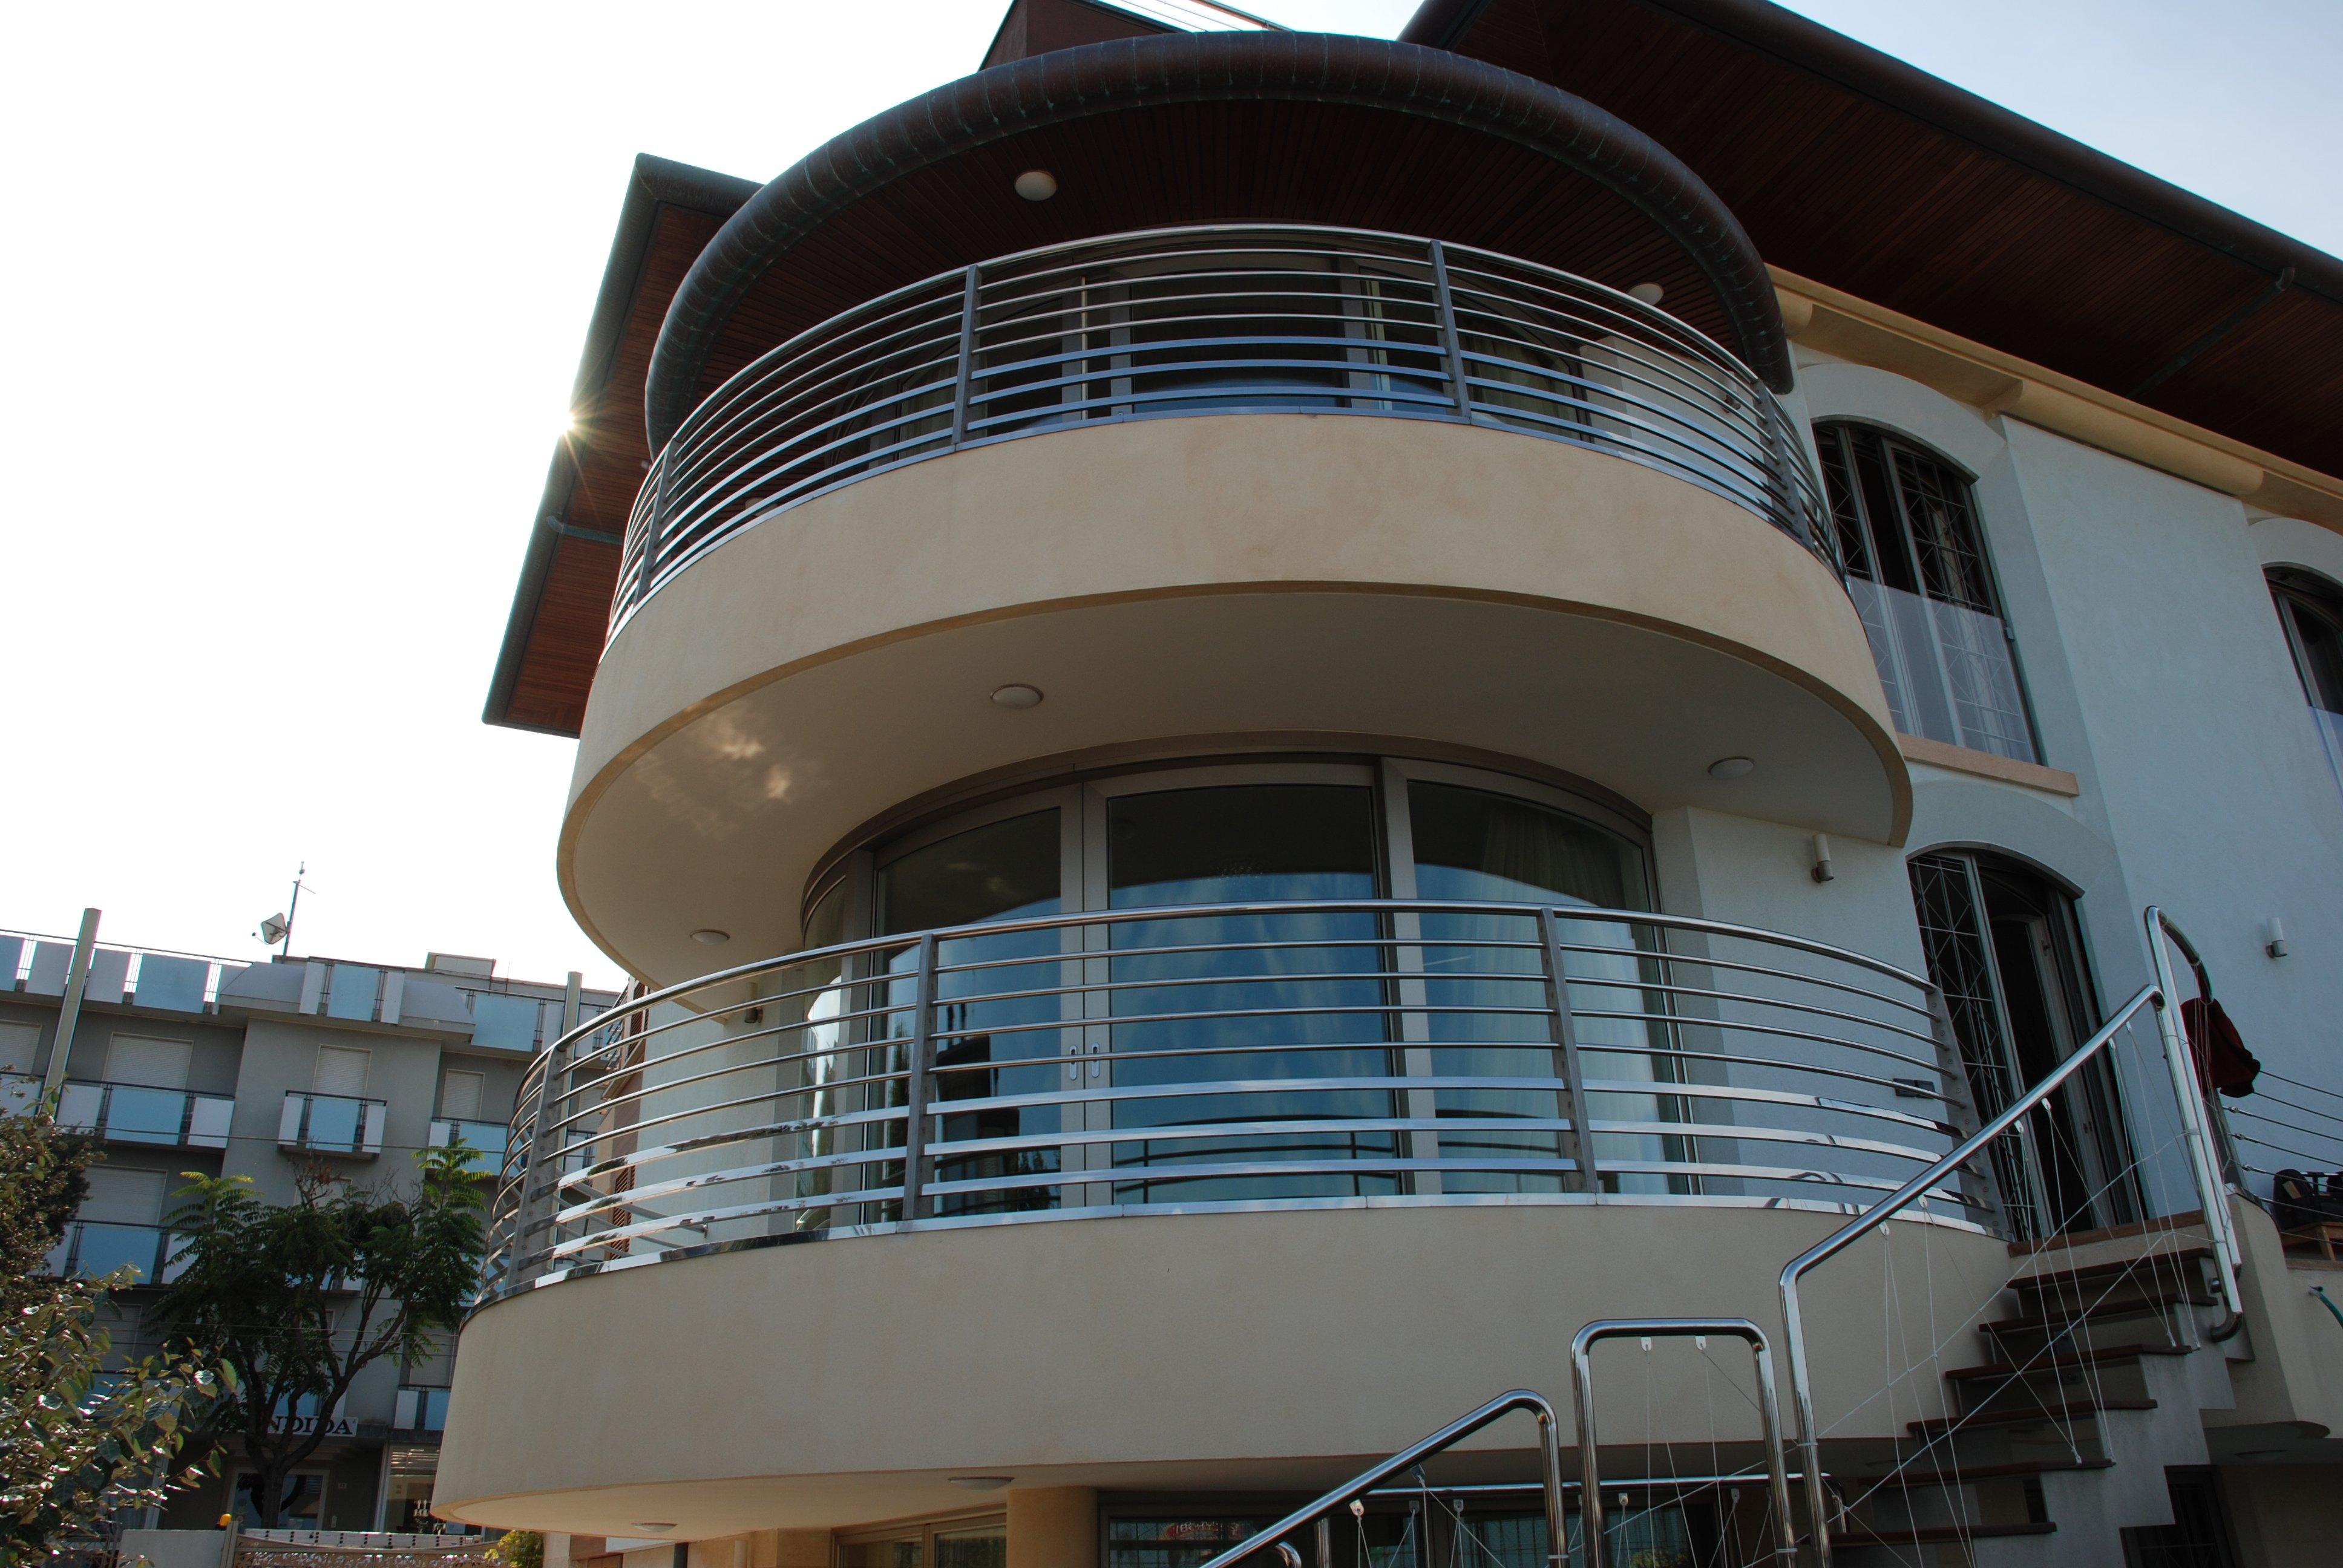 Balcone con rignhiera moderna a forma cilindrica